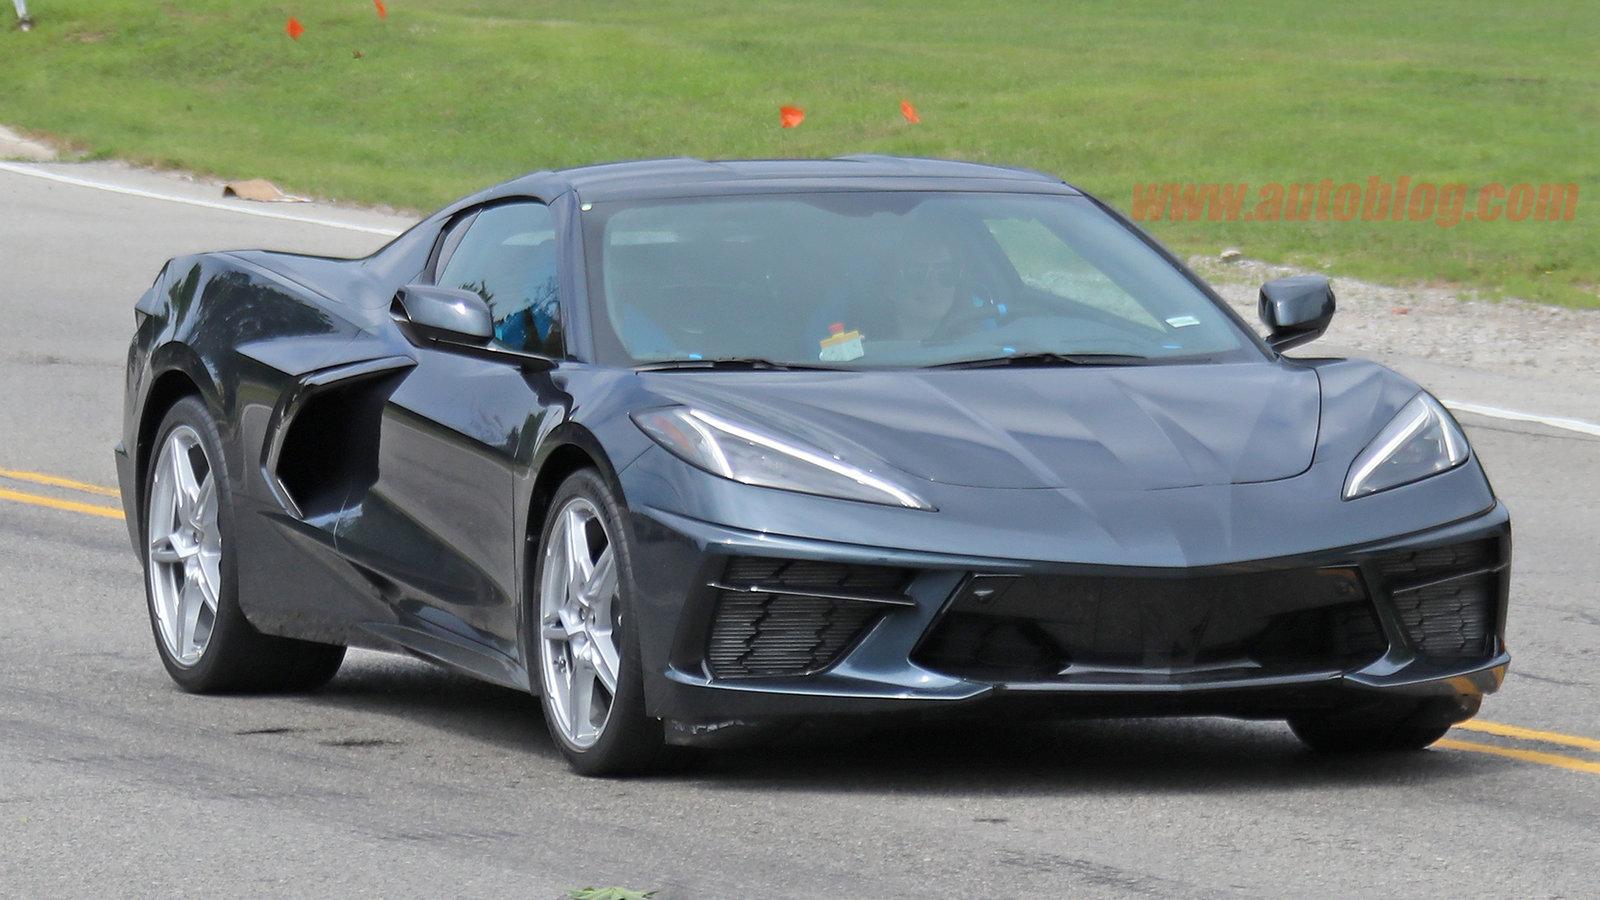 2020-chevy-corvette-stingray-c8-spy-shots-01.jpg